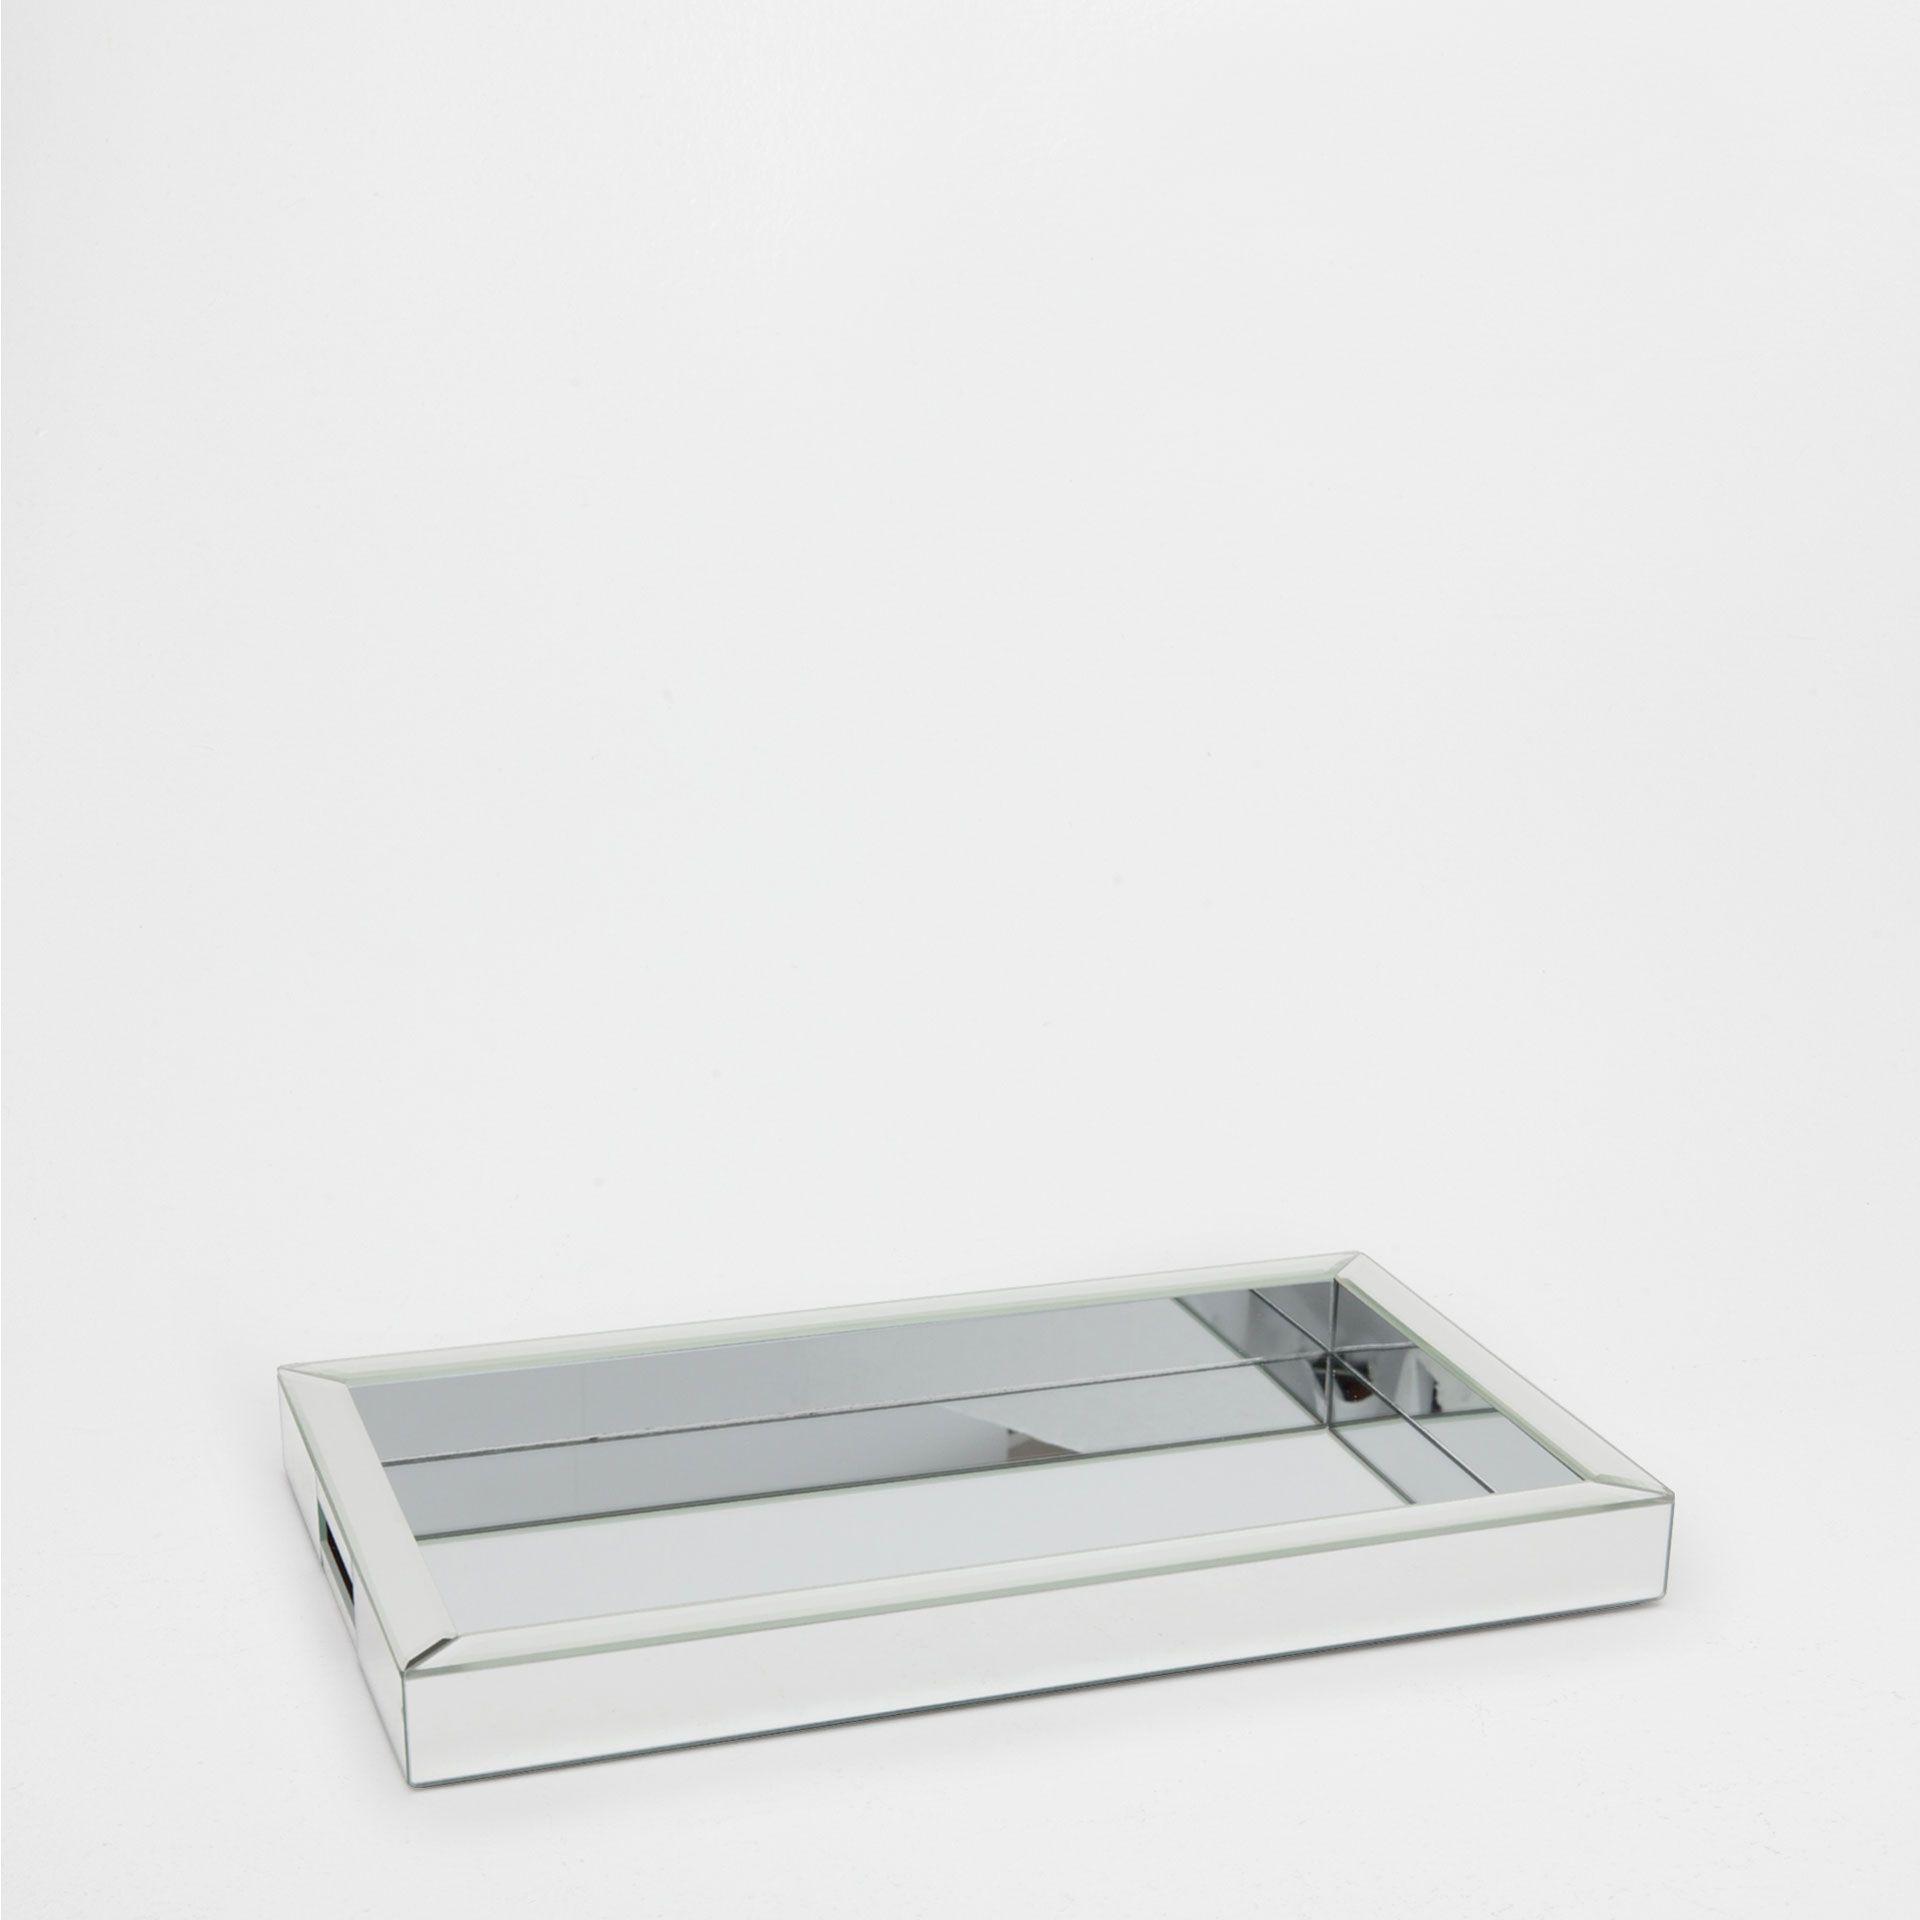 plateau miroir argent plateaux table zara home. Black Bedroom Furniture Sets. Home Design Ideas